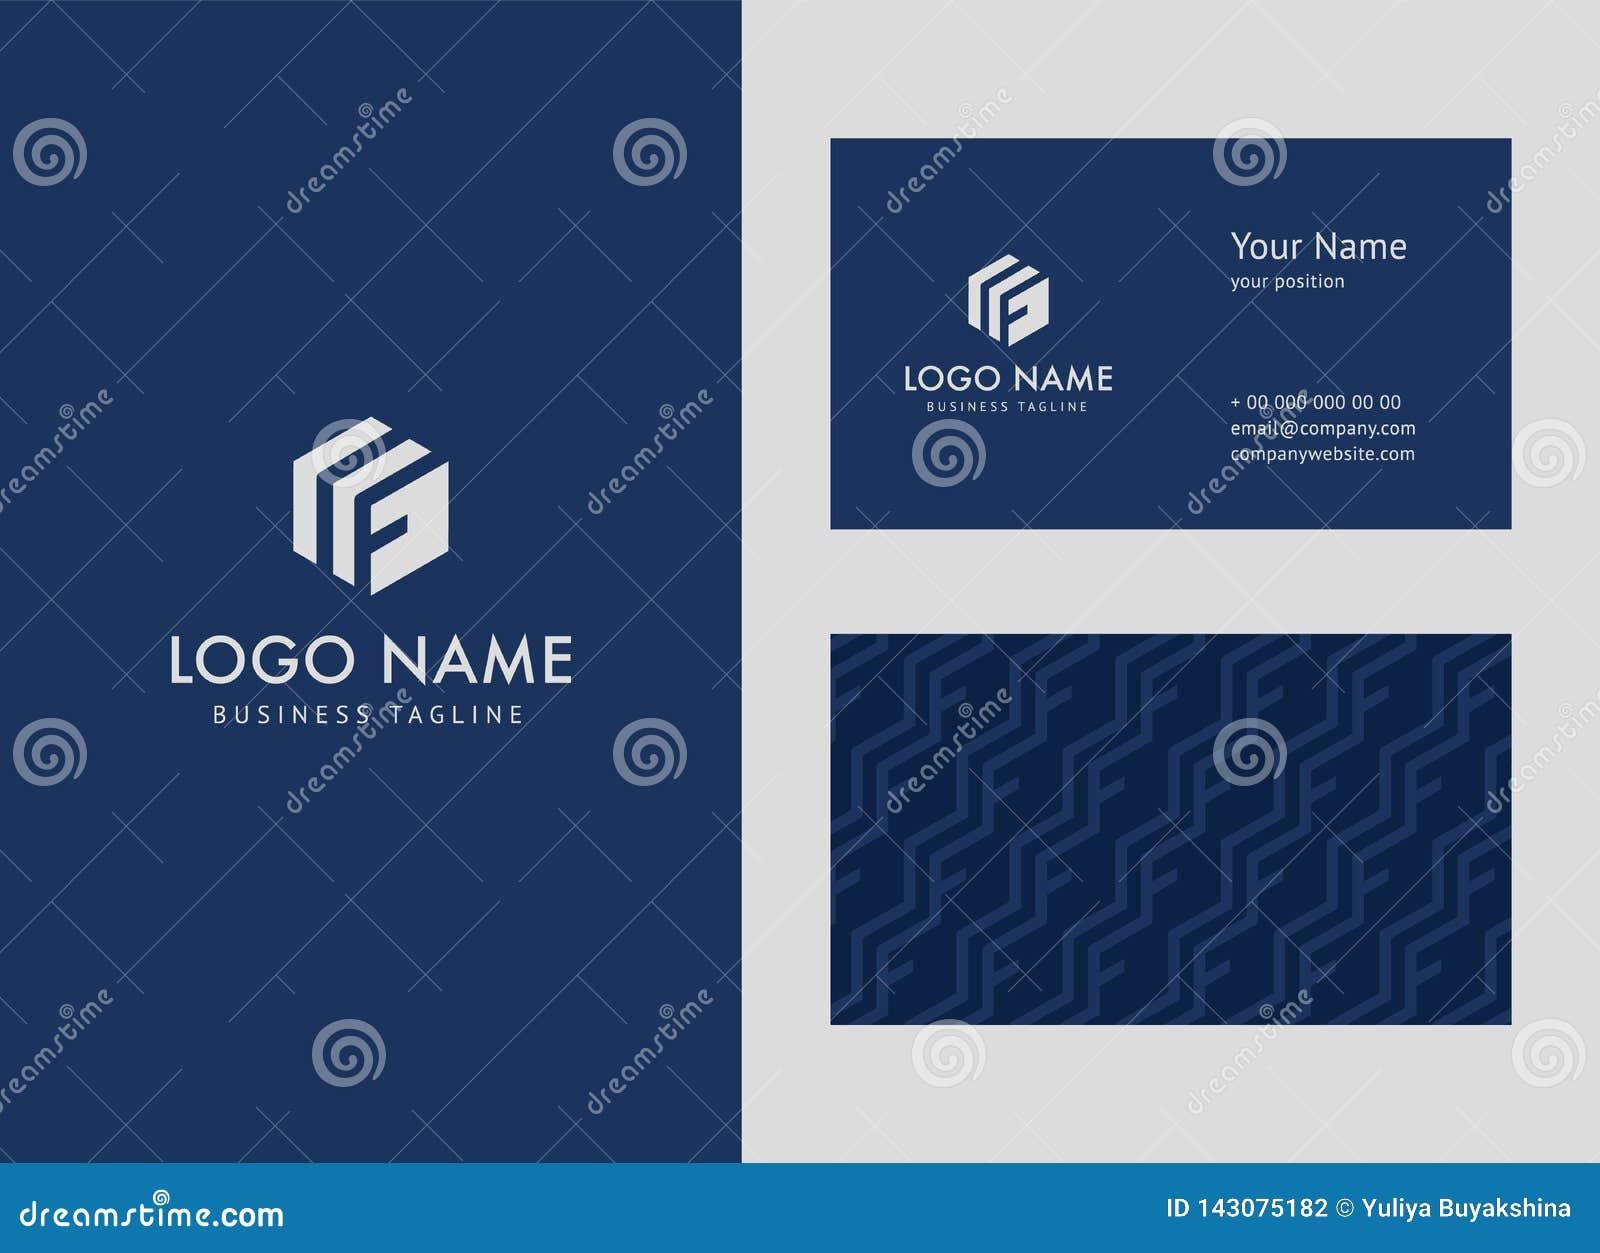 Logotipo del negocio del estilo y plantilla de la tarjeta